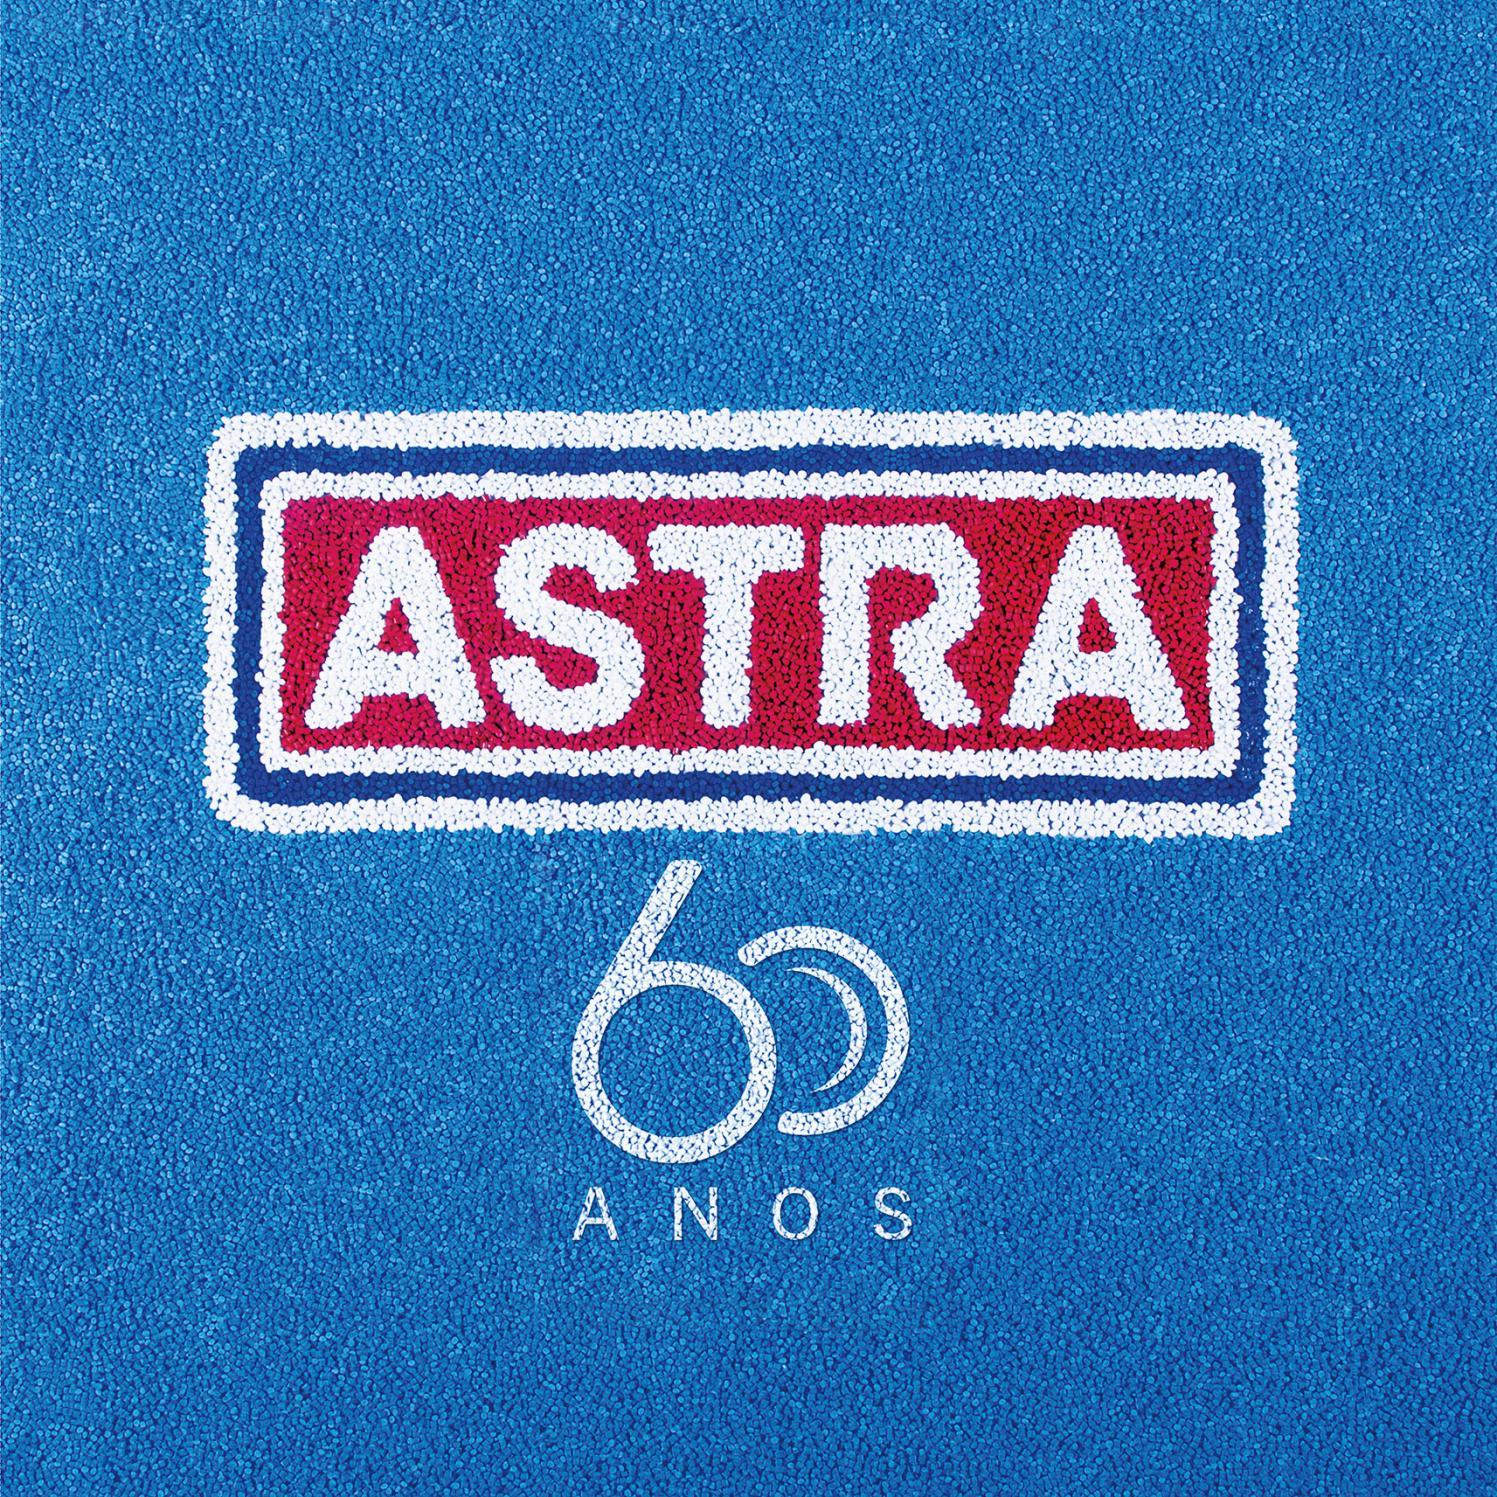 3df85552fb Astra 60 anos by Astra S A Indústria e Comércio - issuu